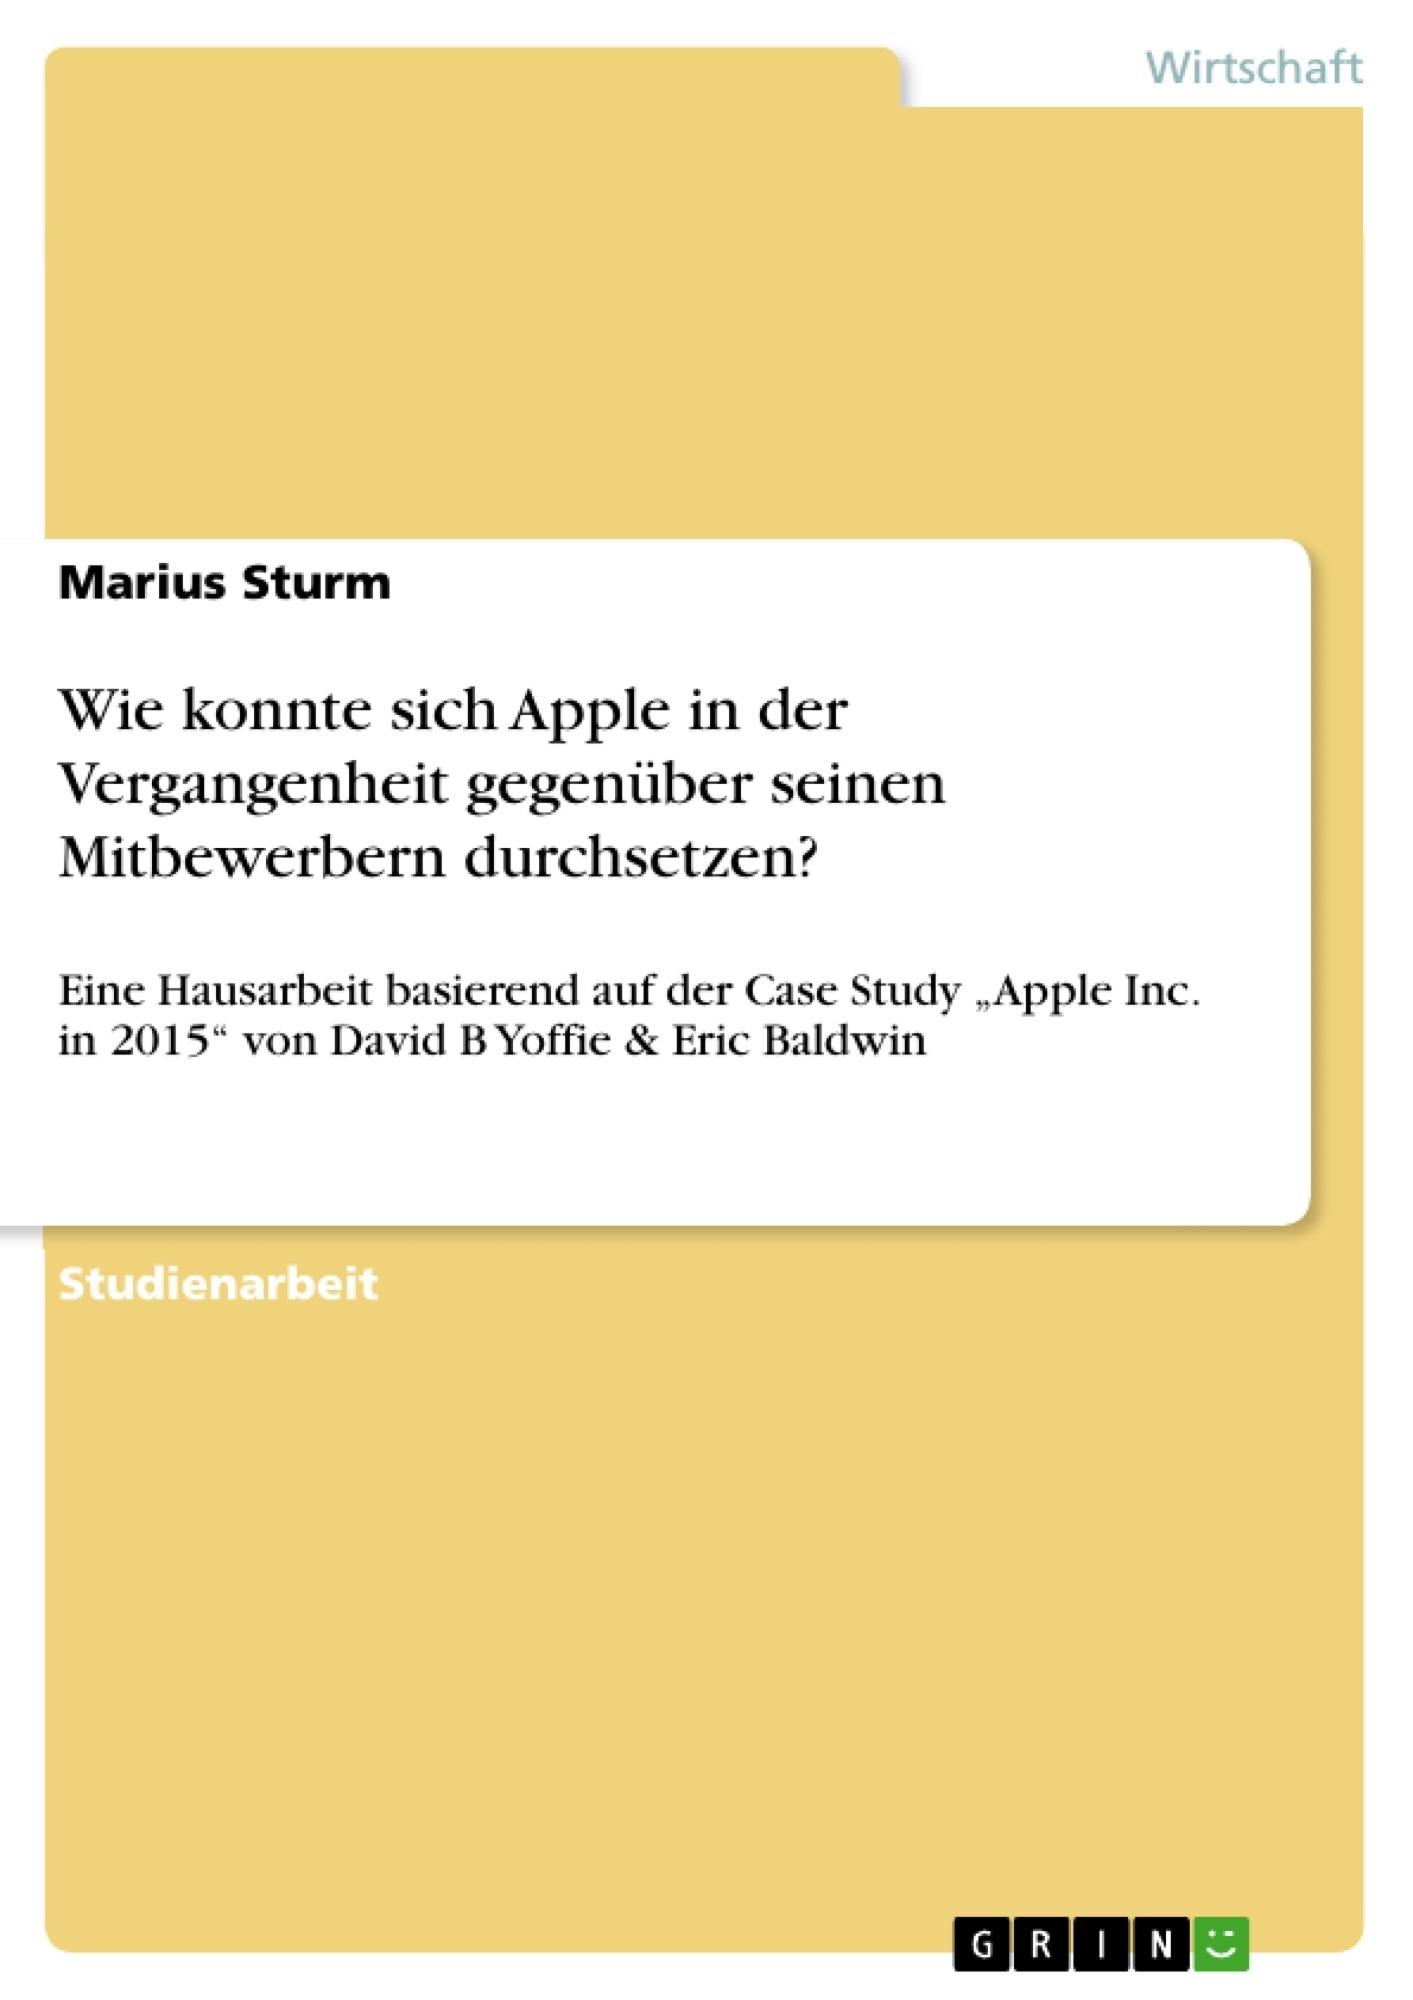 Titel: Wie konnte sich Apple in der Vergangenheit gegenüber seinen Mitbewerbern durchsetzen?